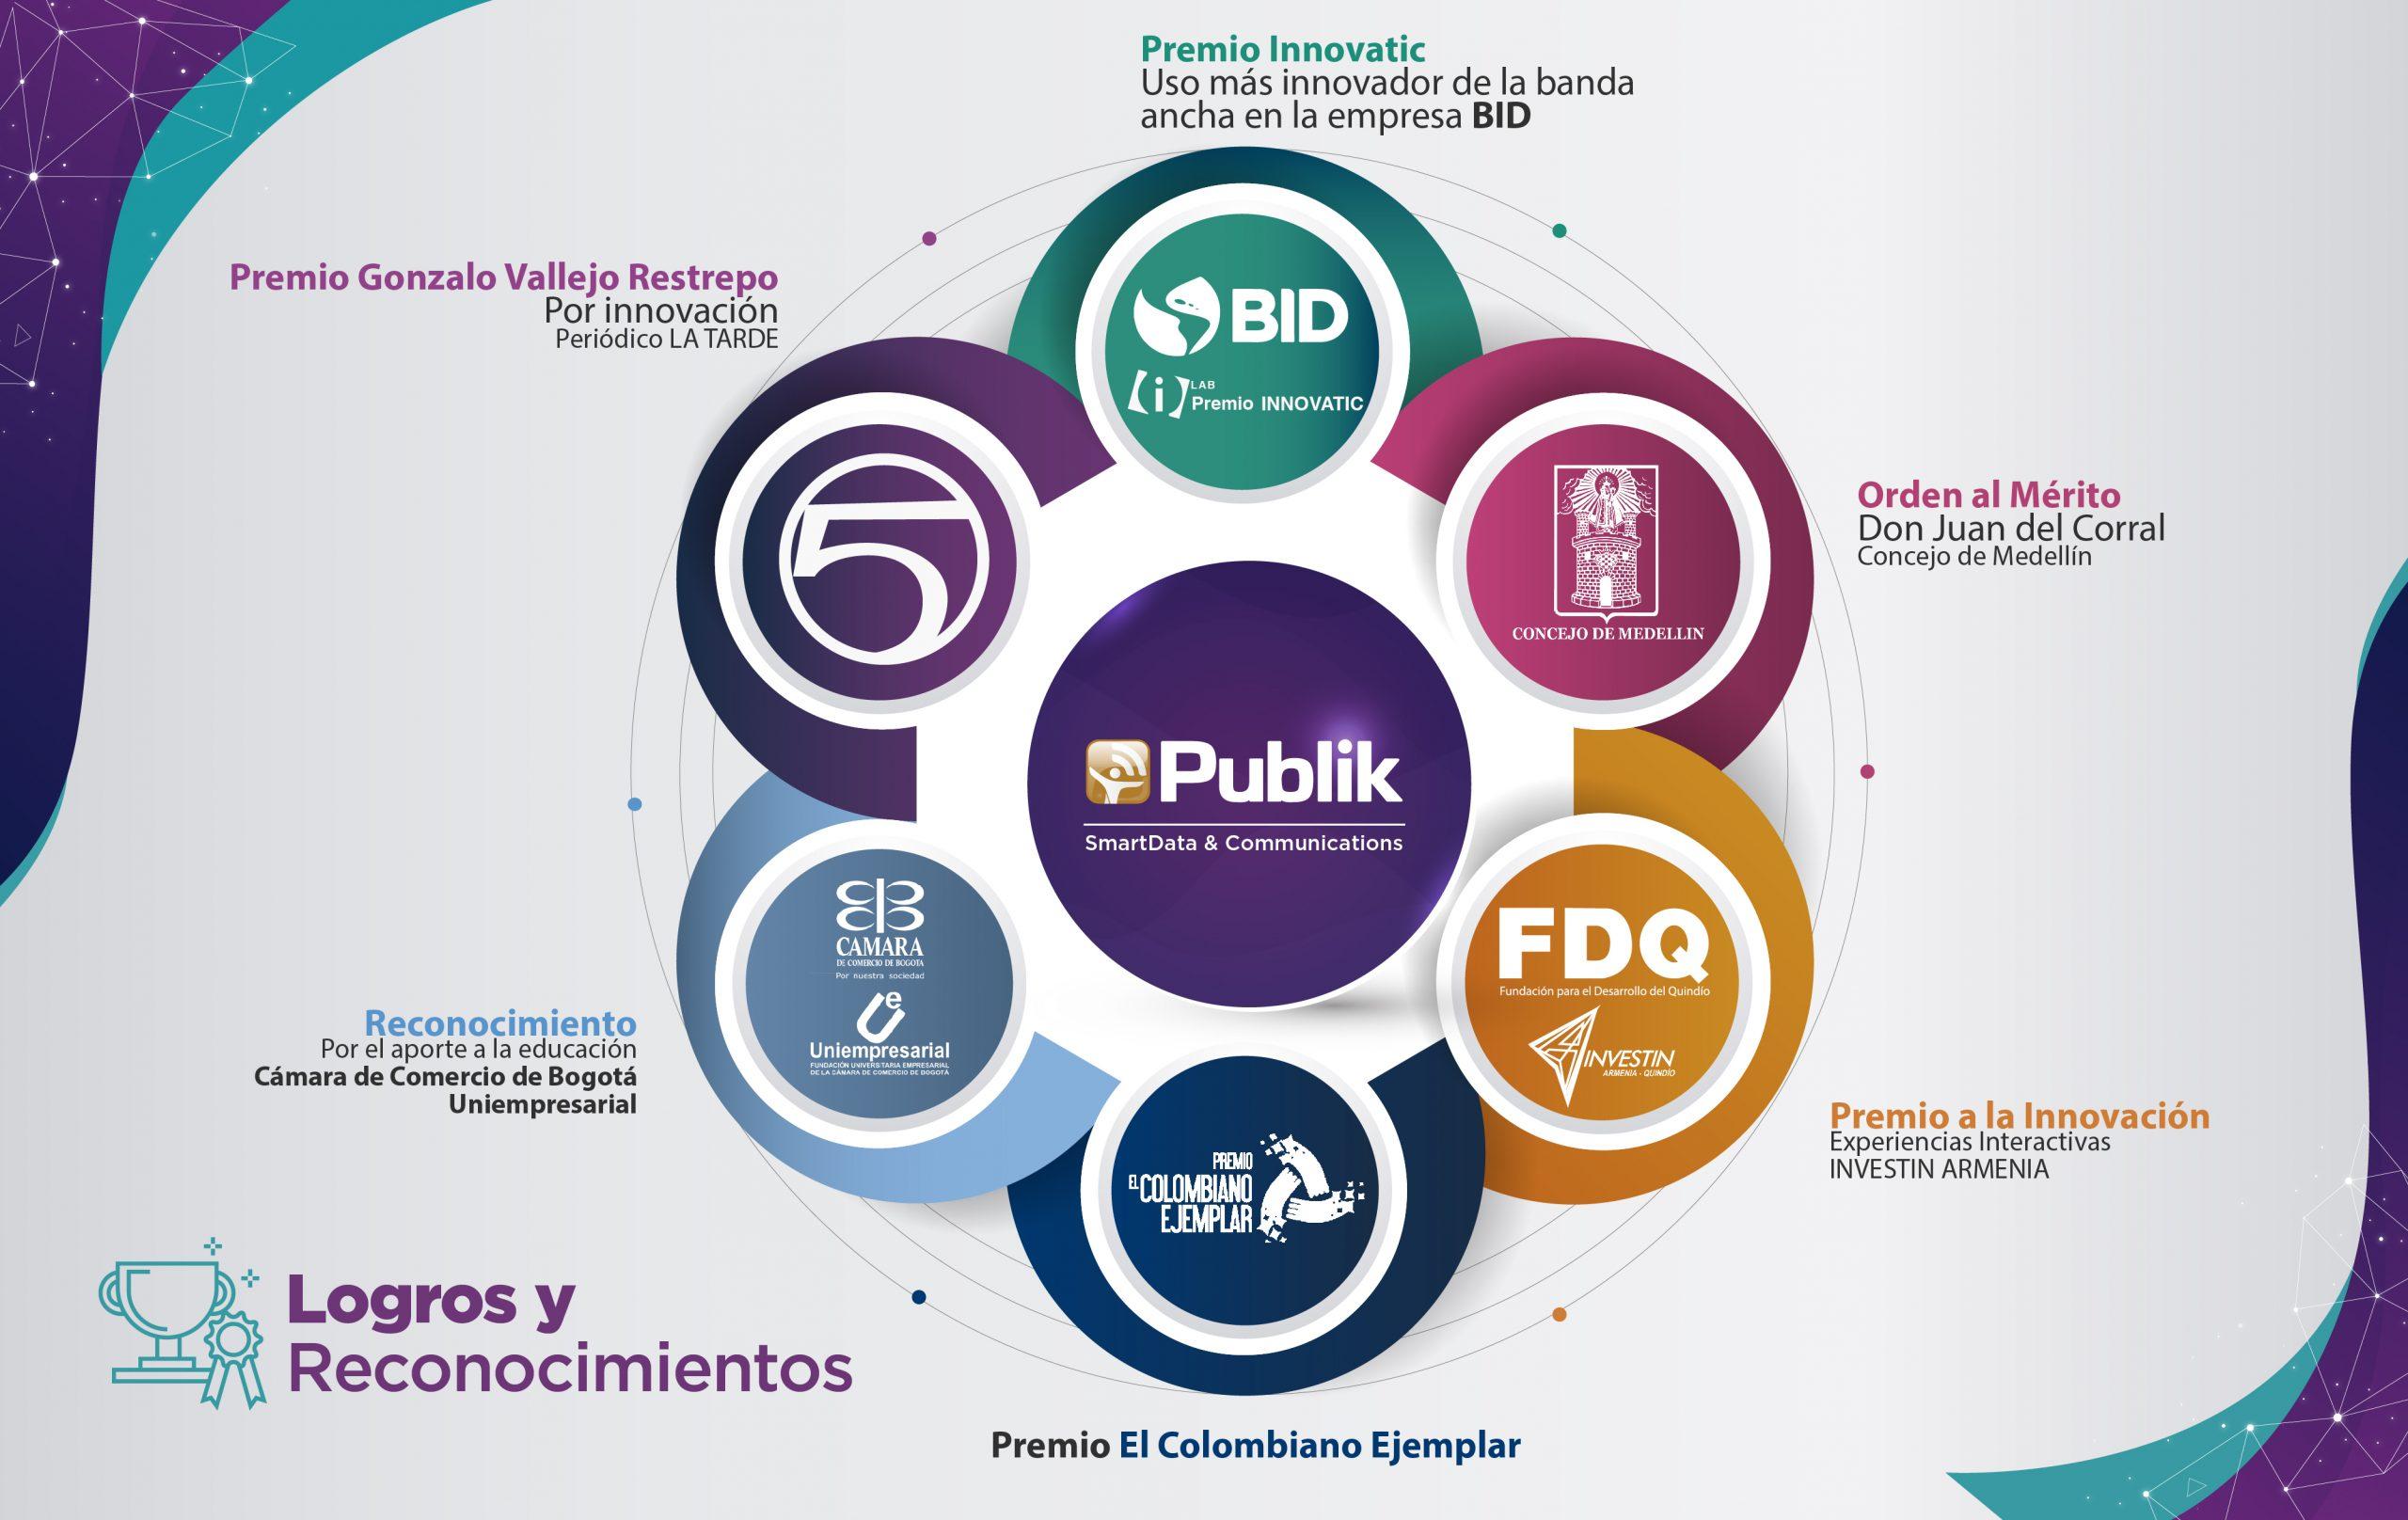 Infografías Publik SmartData Logros